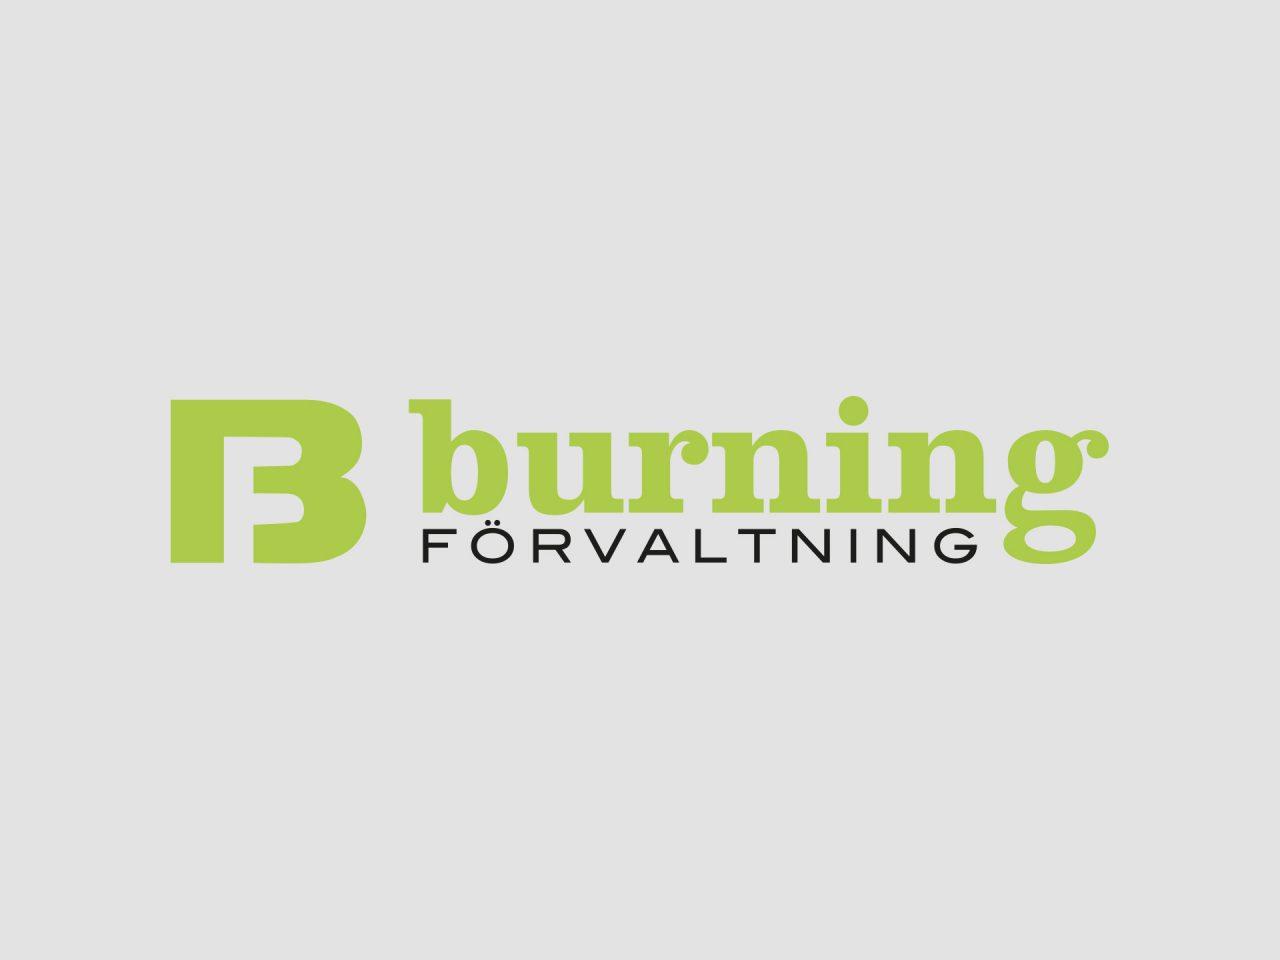 Burning förvaltning - logotyp